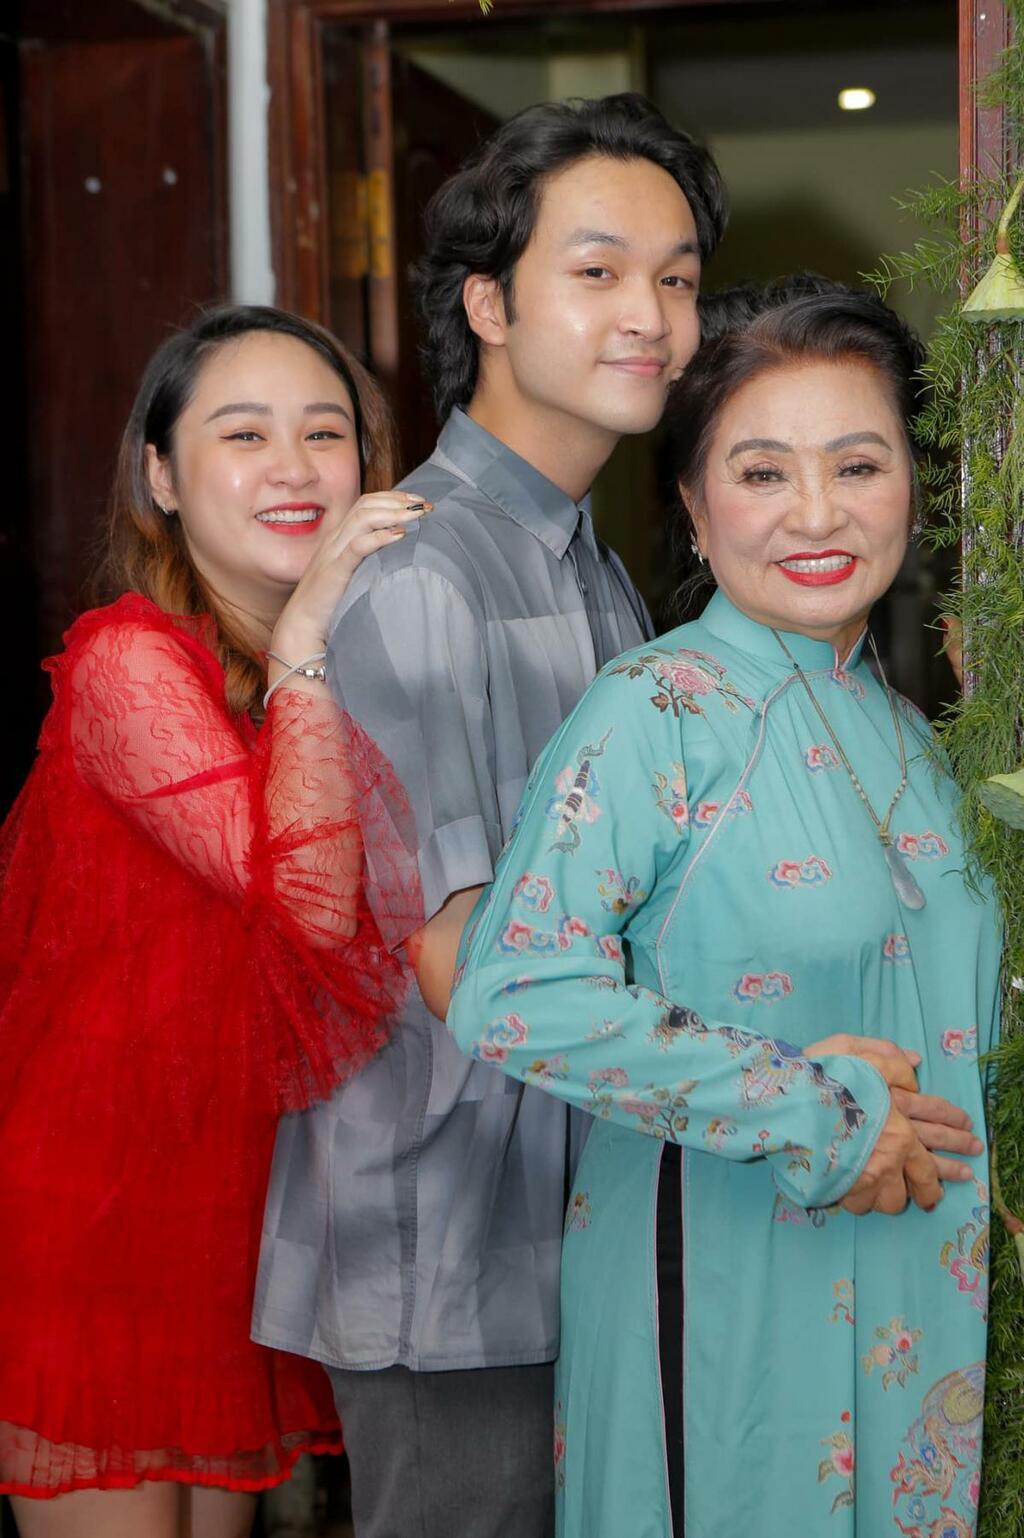 Diva Thanh Lam làm lễ dạm ngõ, hé lộ sẽ tổ chức hôn lễ ấm cúng sau dịch - ảnh 3